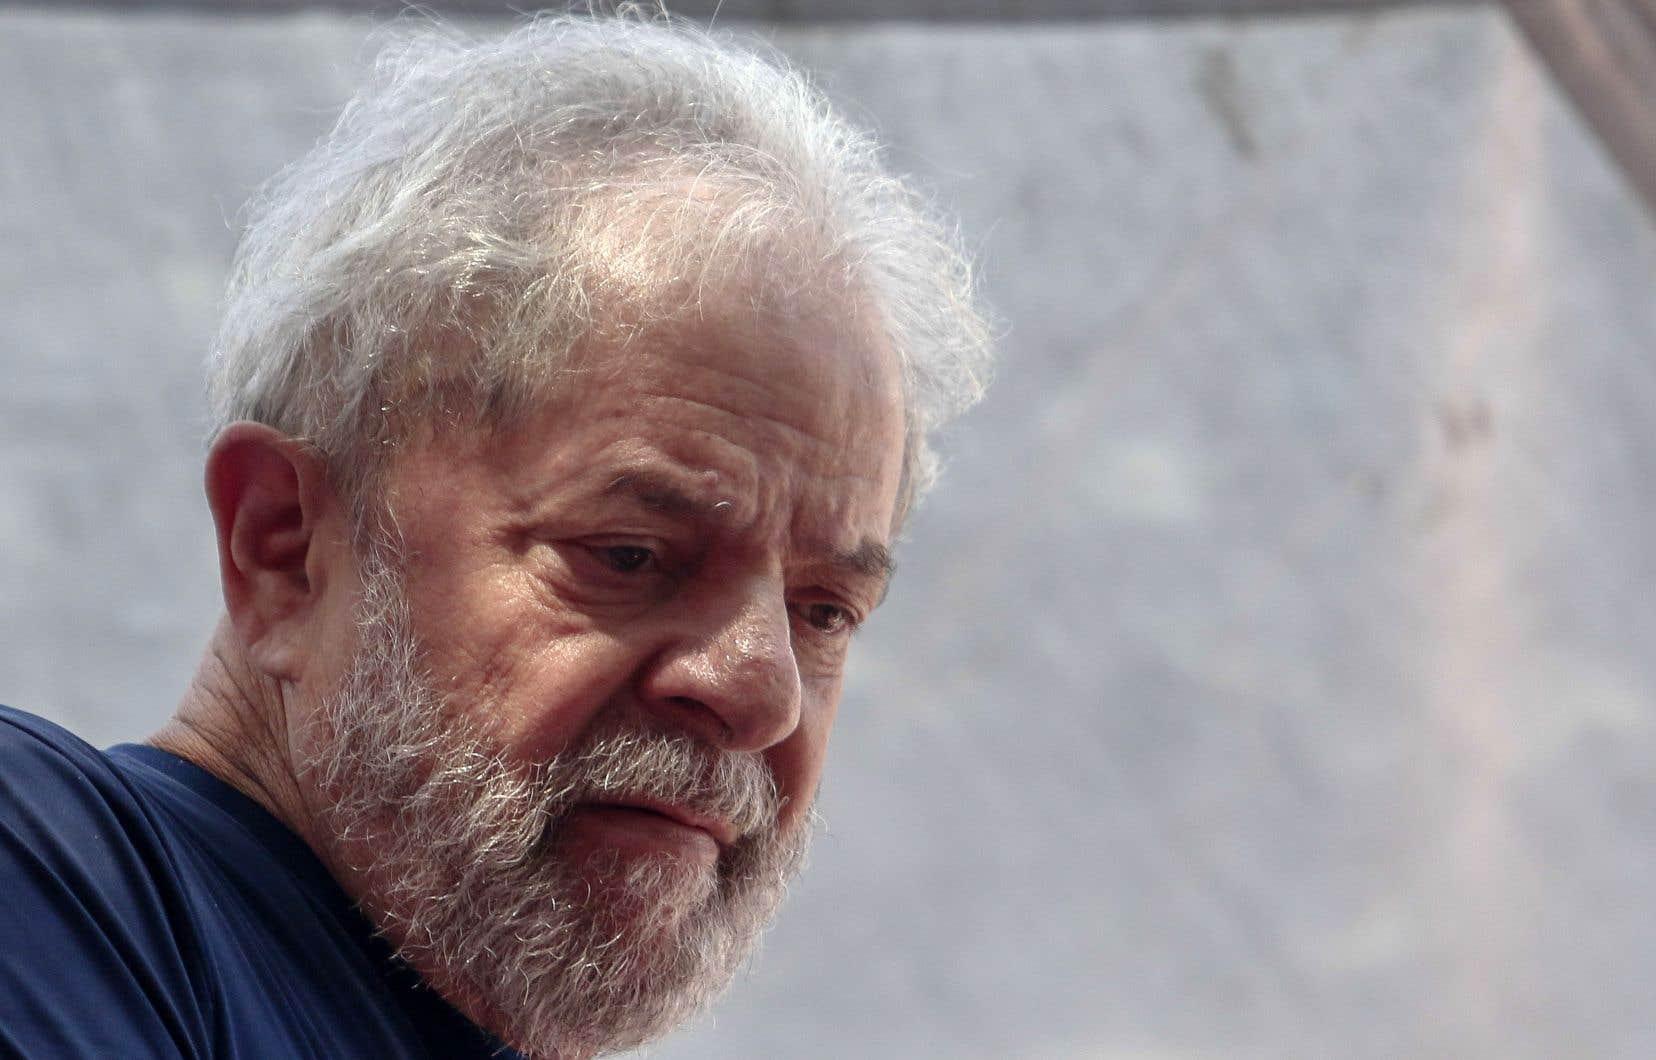 Après son arrestation, Lula devait être conduit à 400km de São Bernardo do Campo, à Curitiba, ville du sud où est basé le juge Moro, pour y être incarcéré.